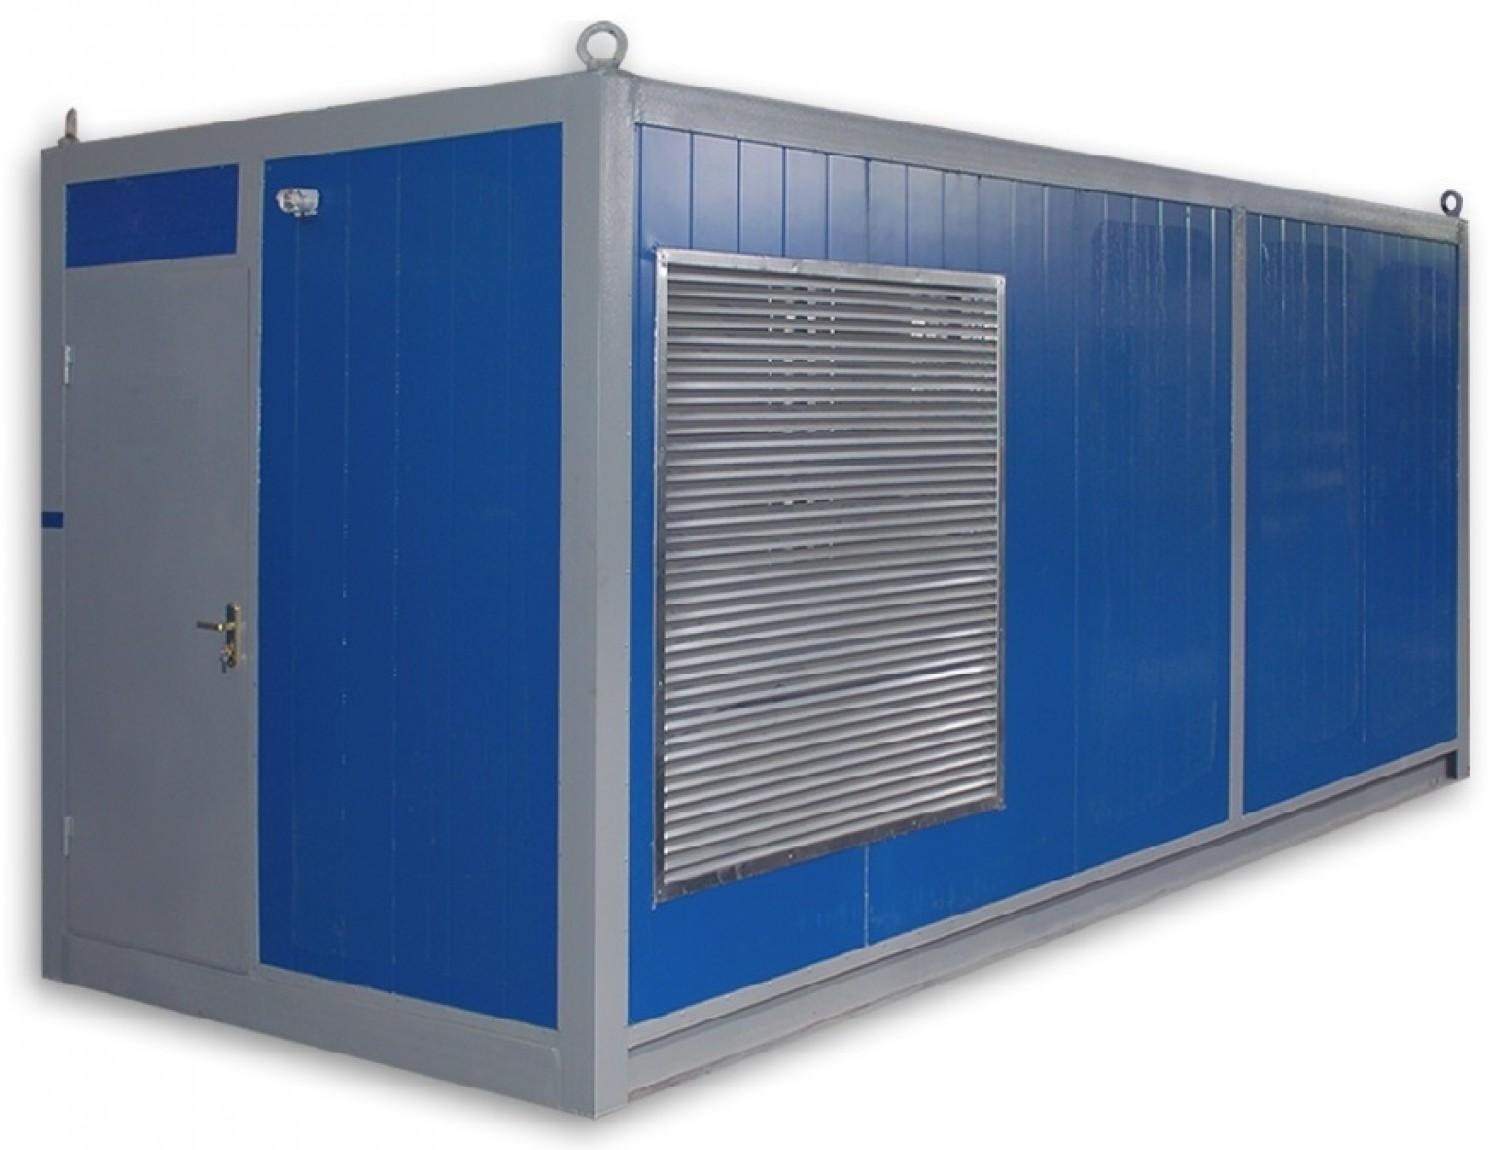 Внешний вид Азимут АД-700-Т400-1РН в контейнере